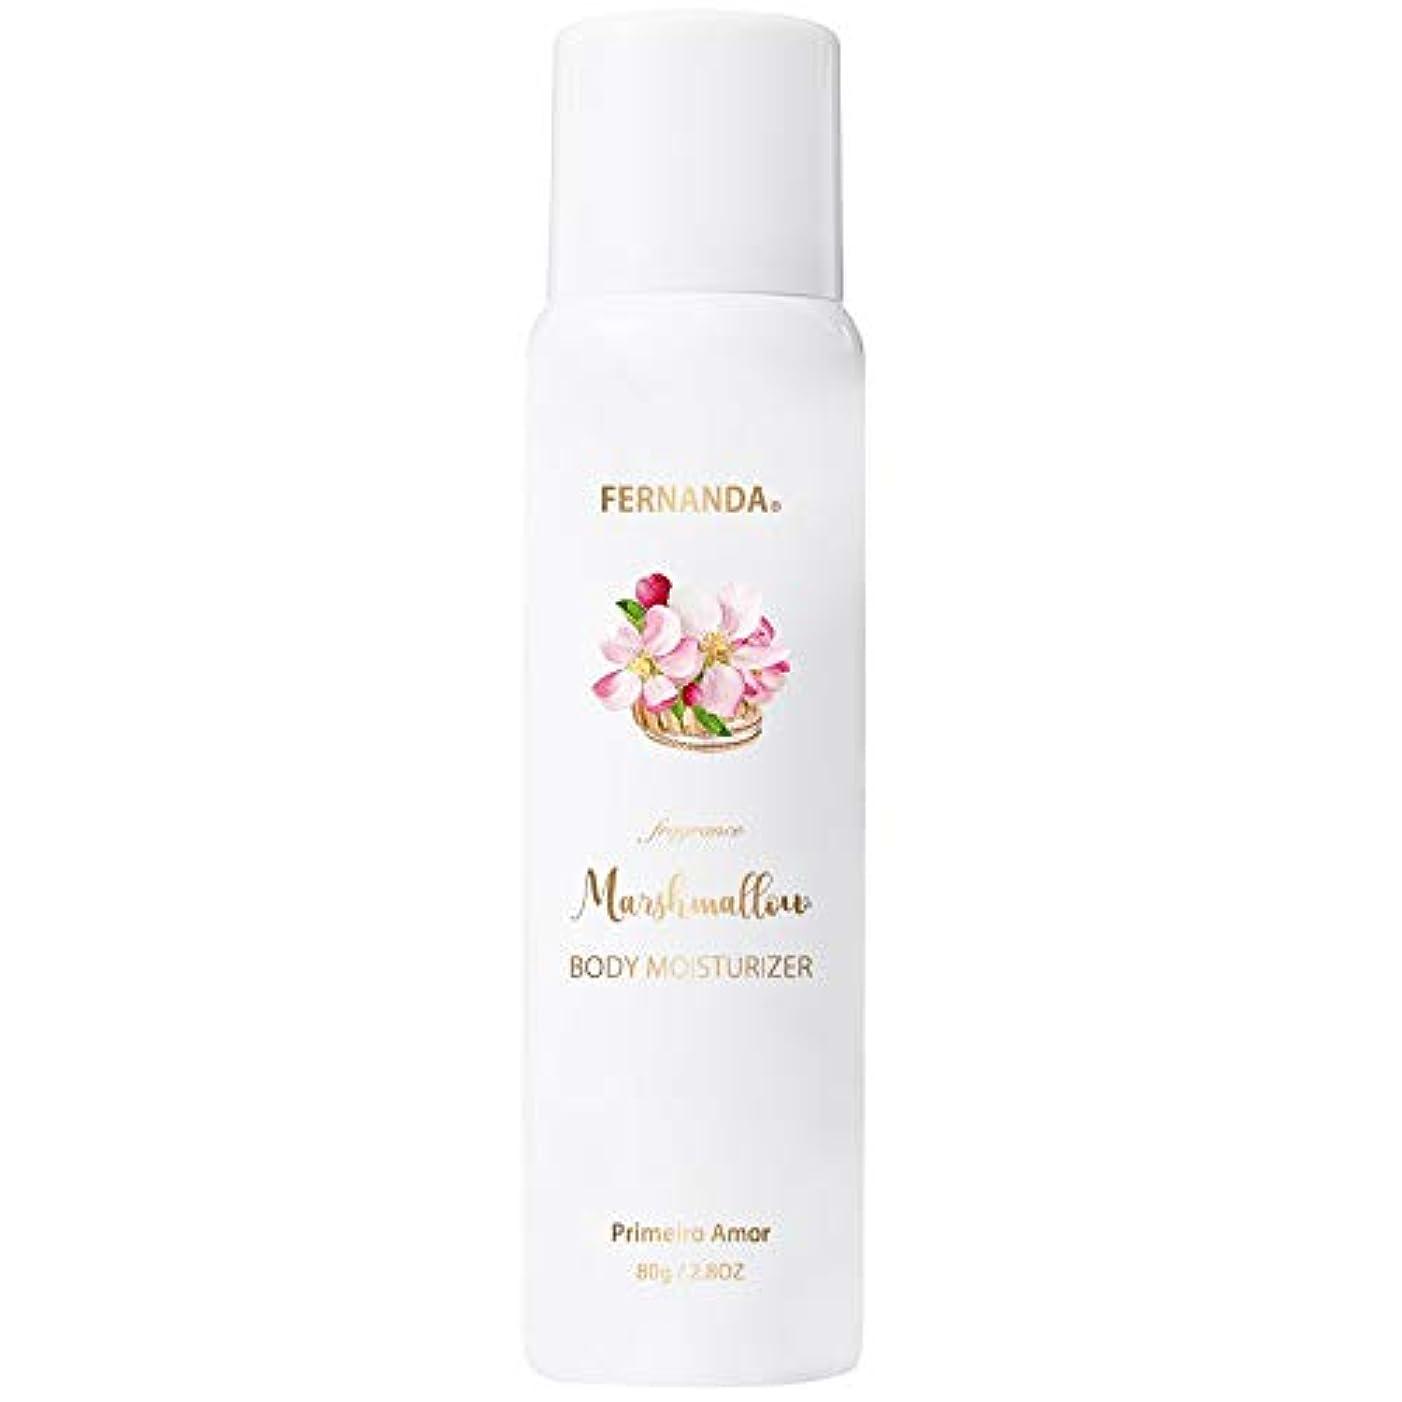 オアシスメイエラフリッパーFERNANDA(フェルナンダ) Marshmallow Body Moisturizer Primeiro Amor (マシュマロ ボディ モイスチャライザー プリメイロアモール)